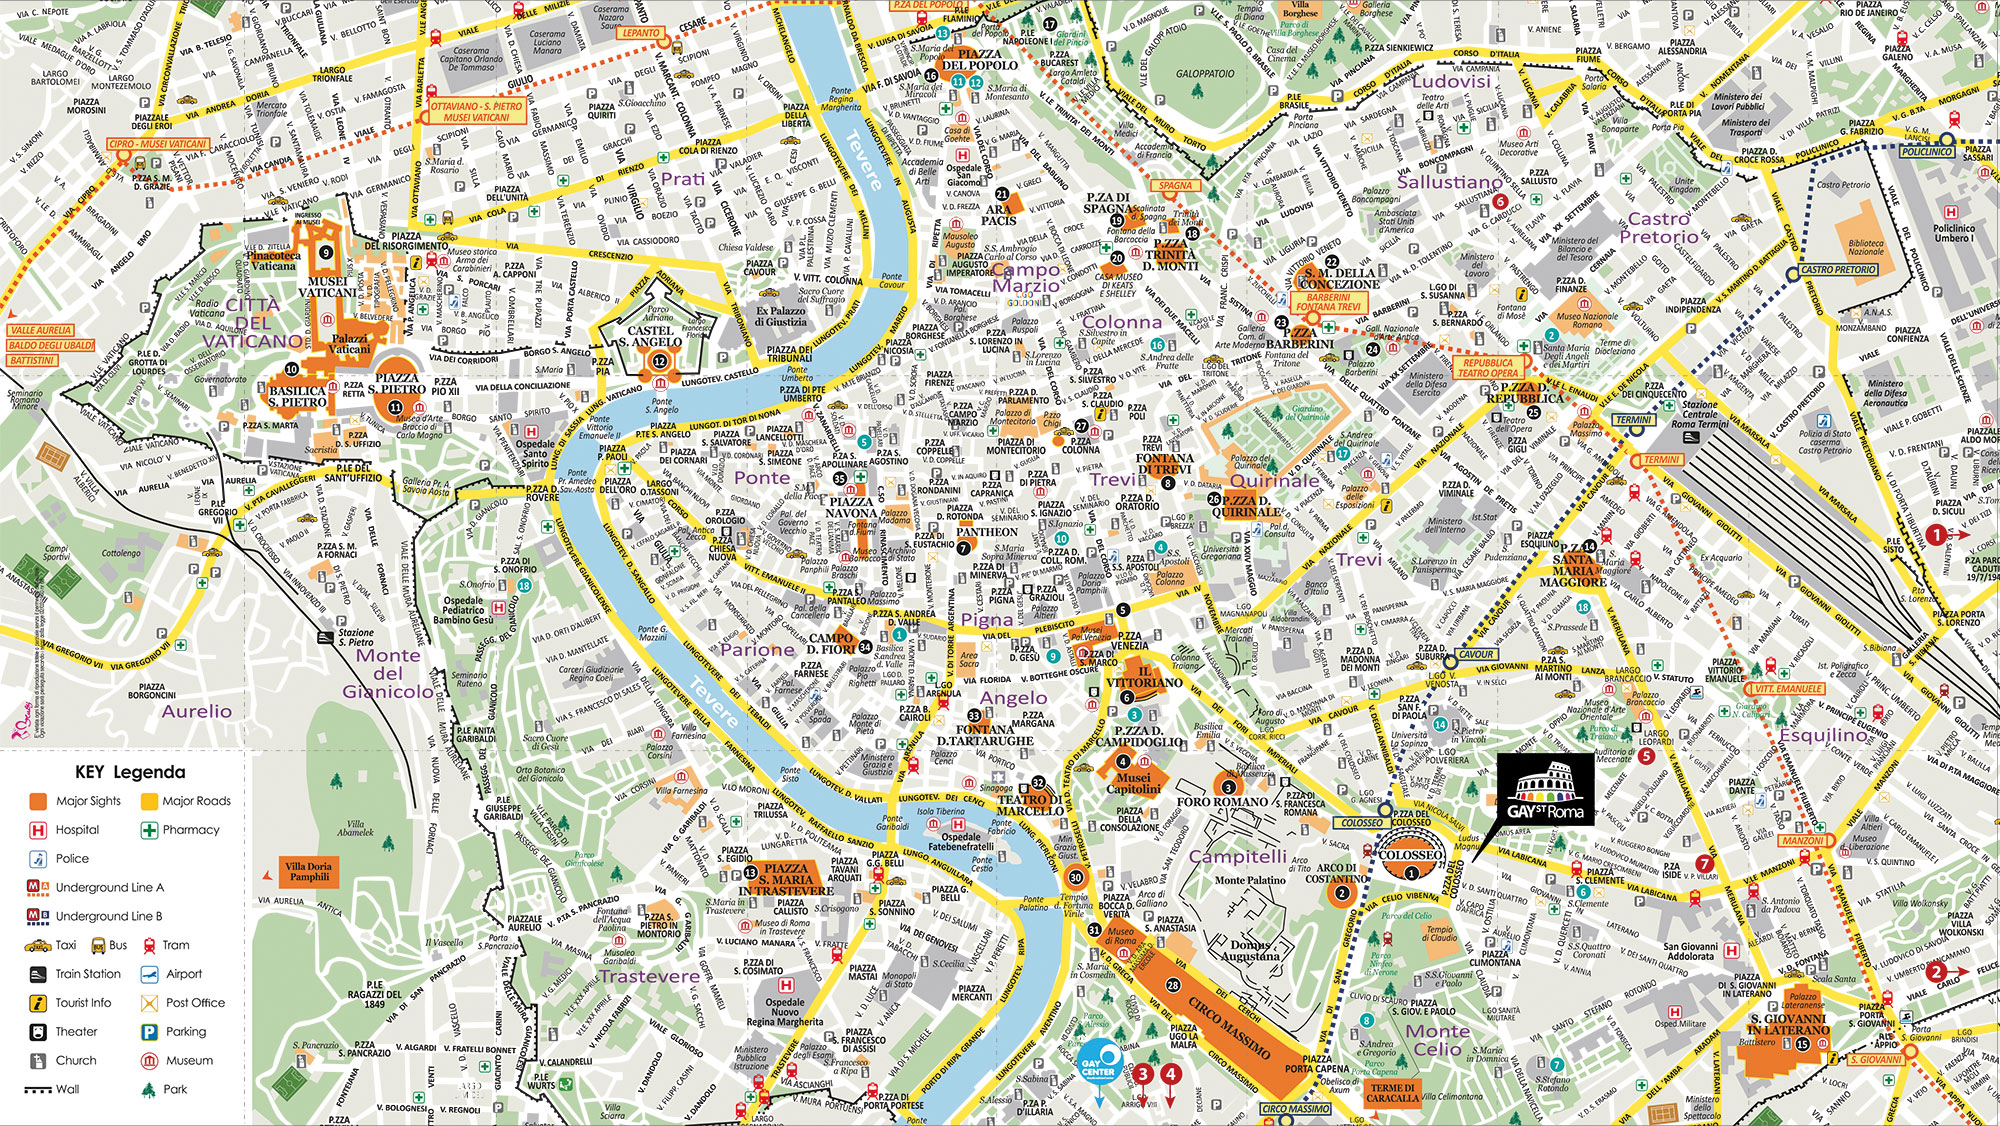 Cartina Roma Centro Con Monumenti.Mappa Turistica Roma Scaricabile